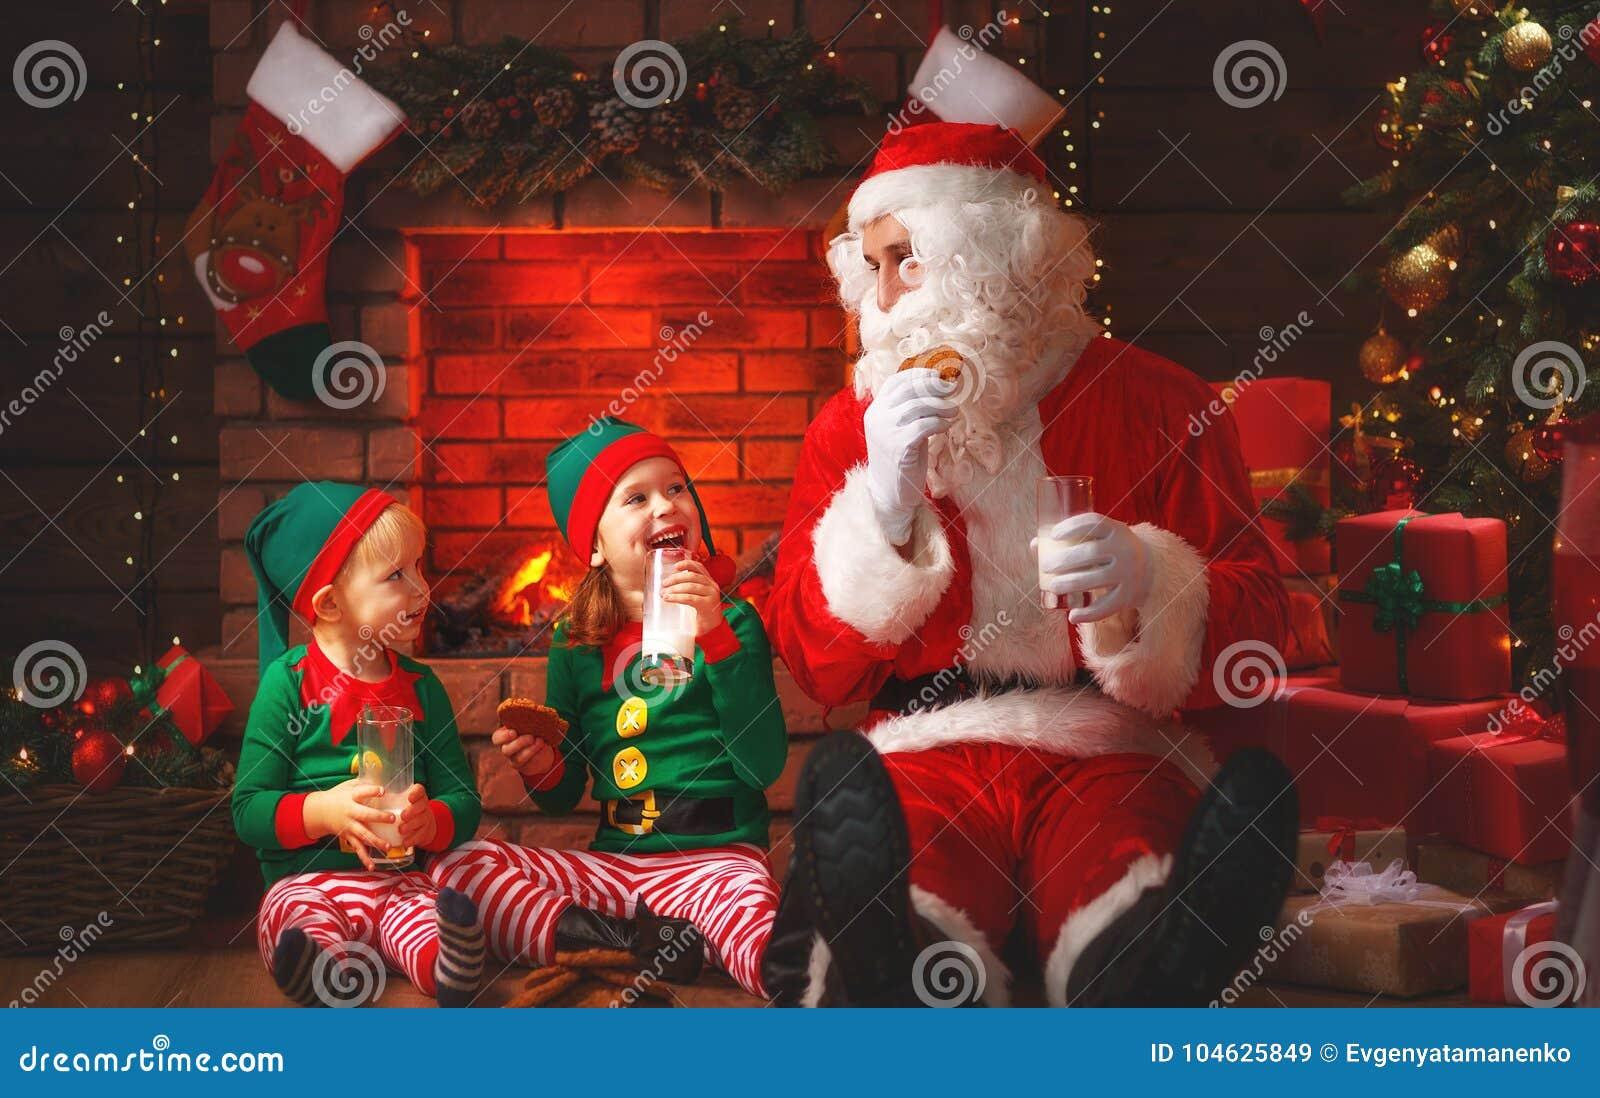 Jul Santa Claus med älvadrinken mjölkar och äter kakor